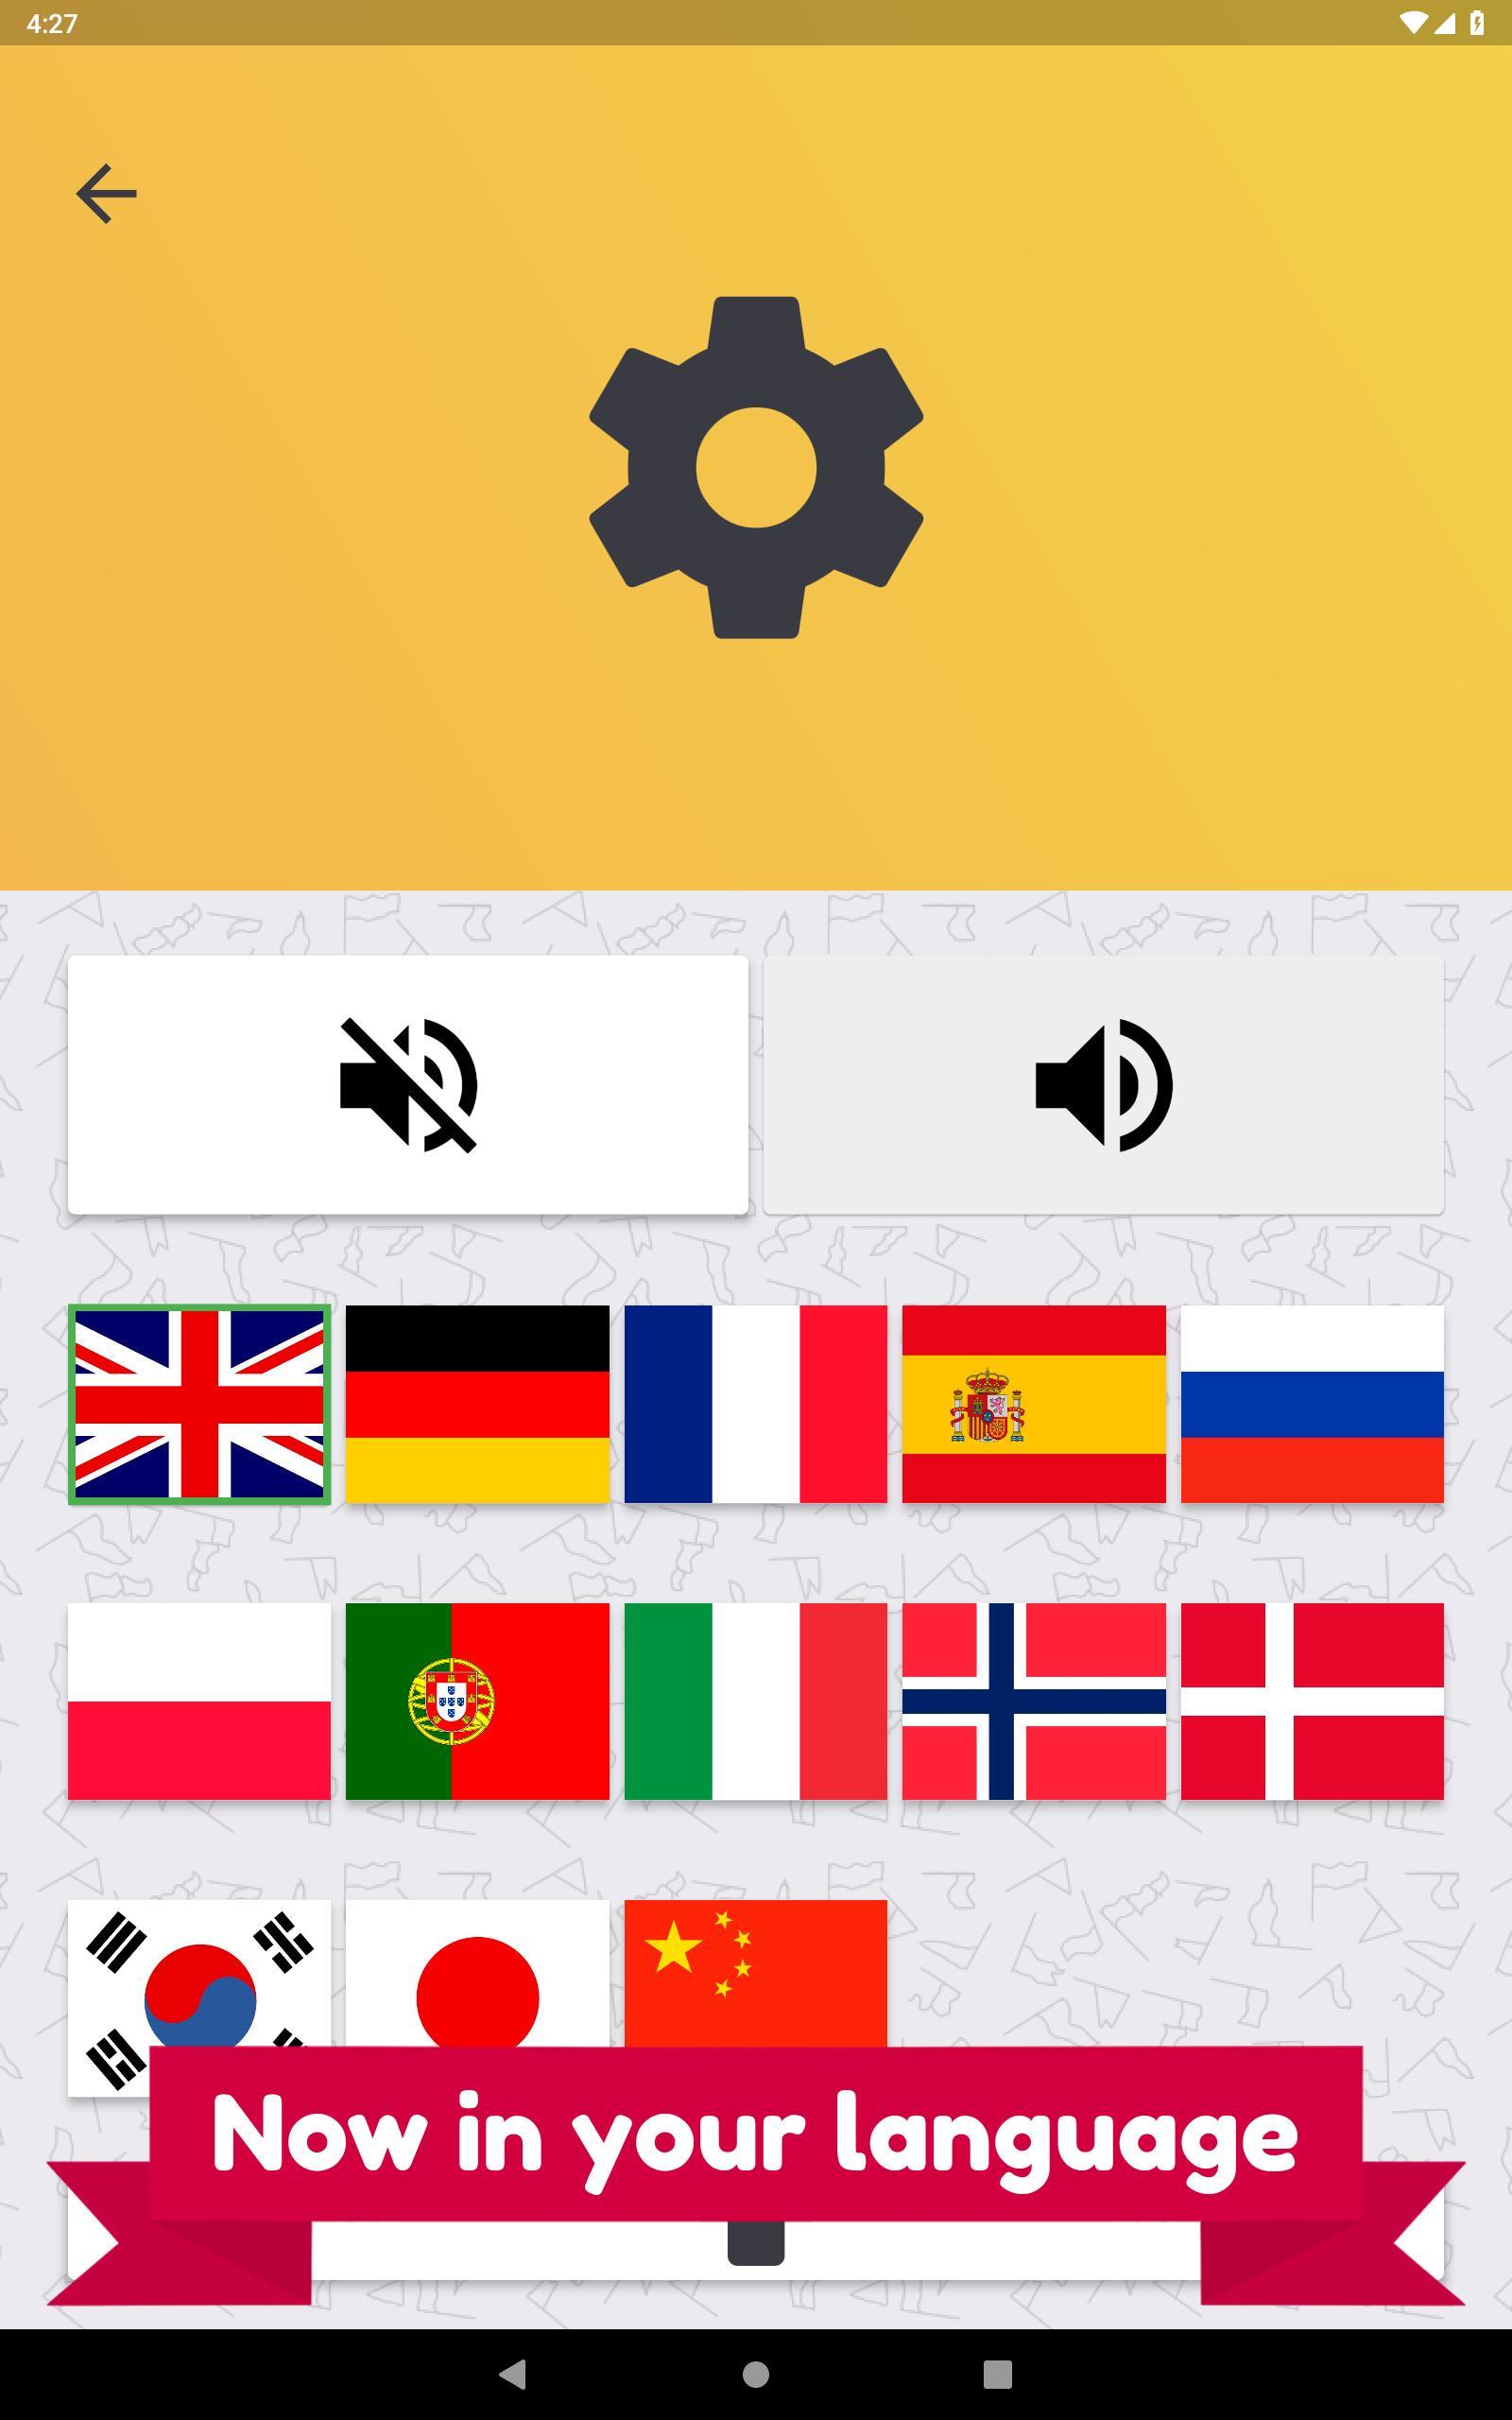 Тест в какую страну по картинкам